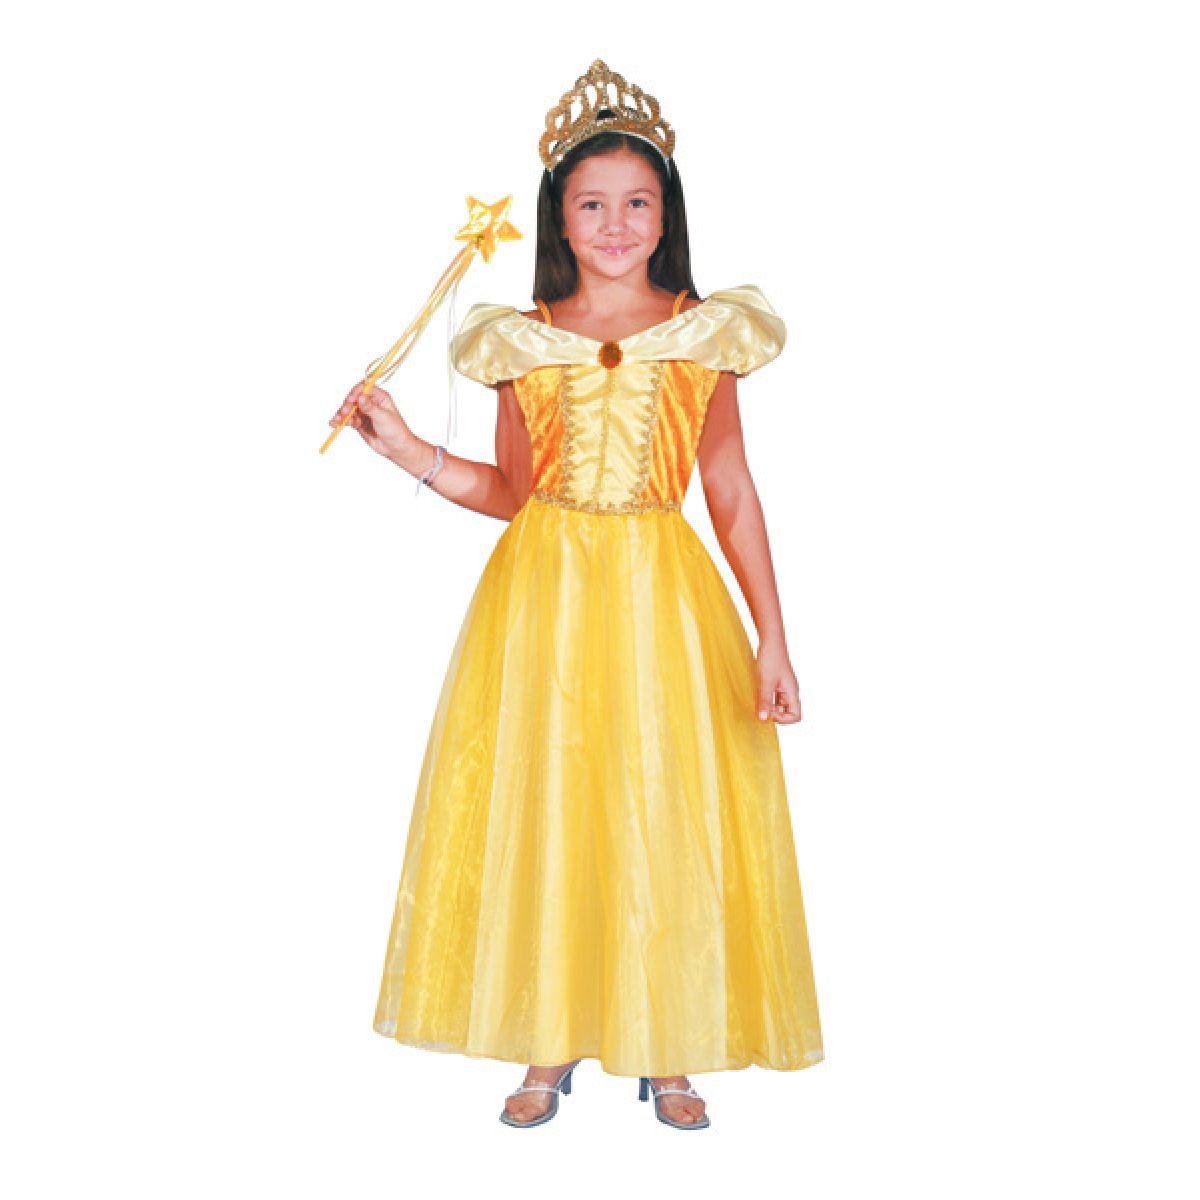 Kostým Princezna Bella žlutý vel. M